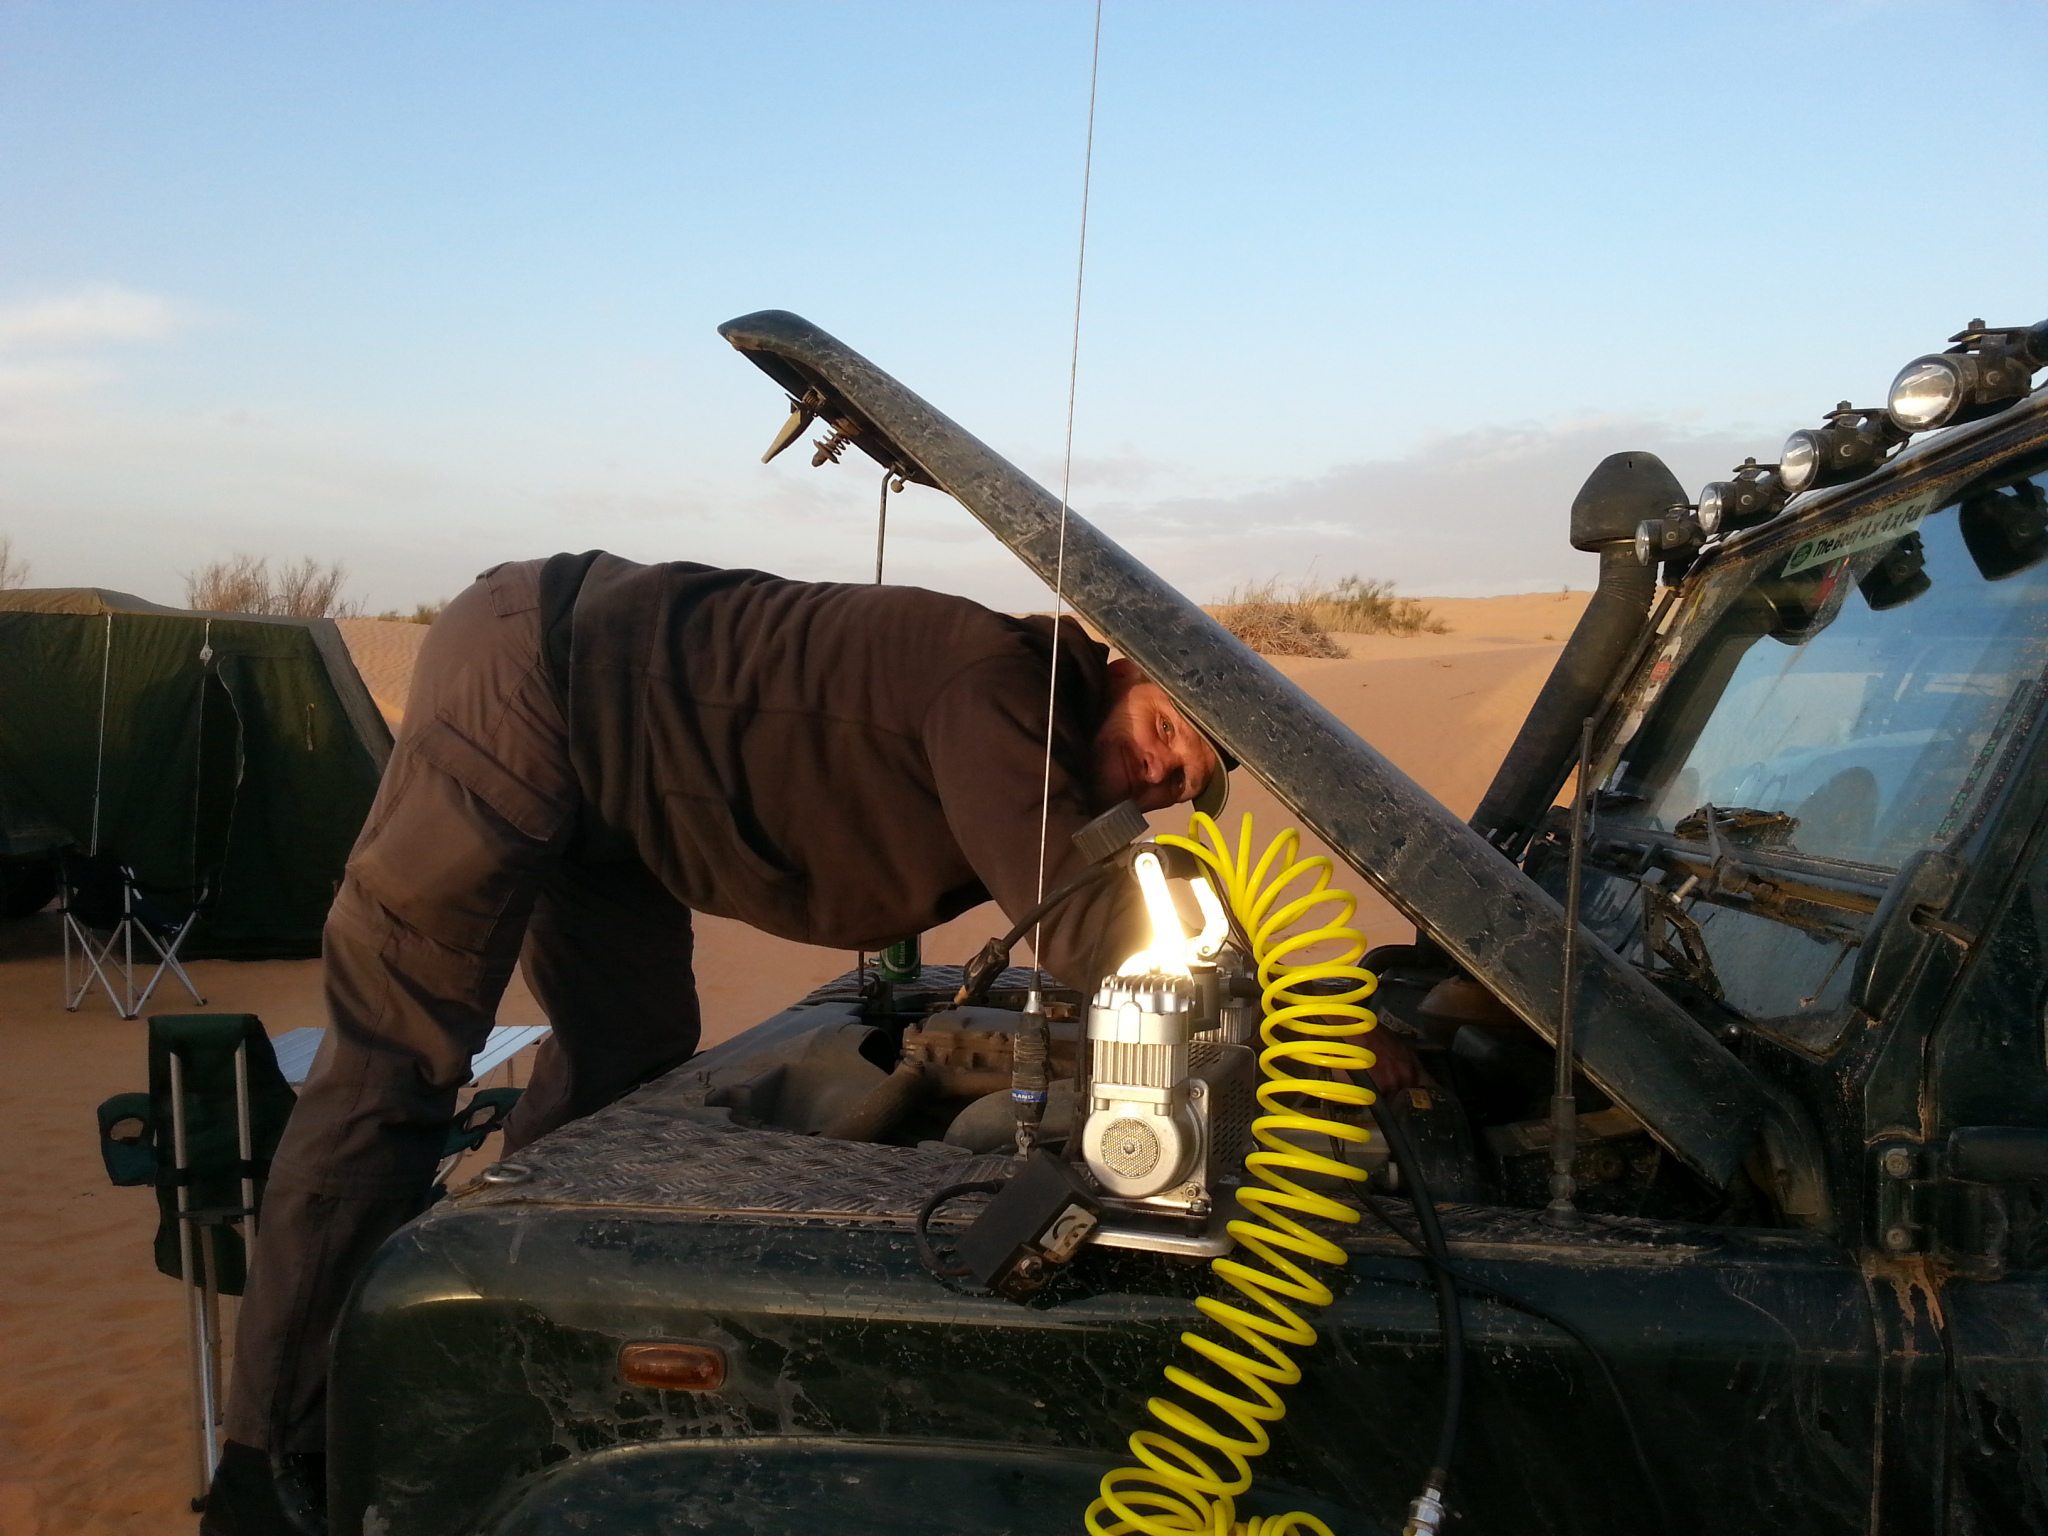 Fahrzeugcheck in der Sahara, Tunesien